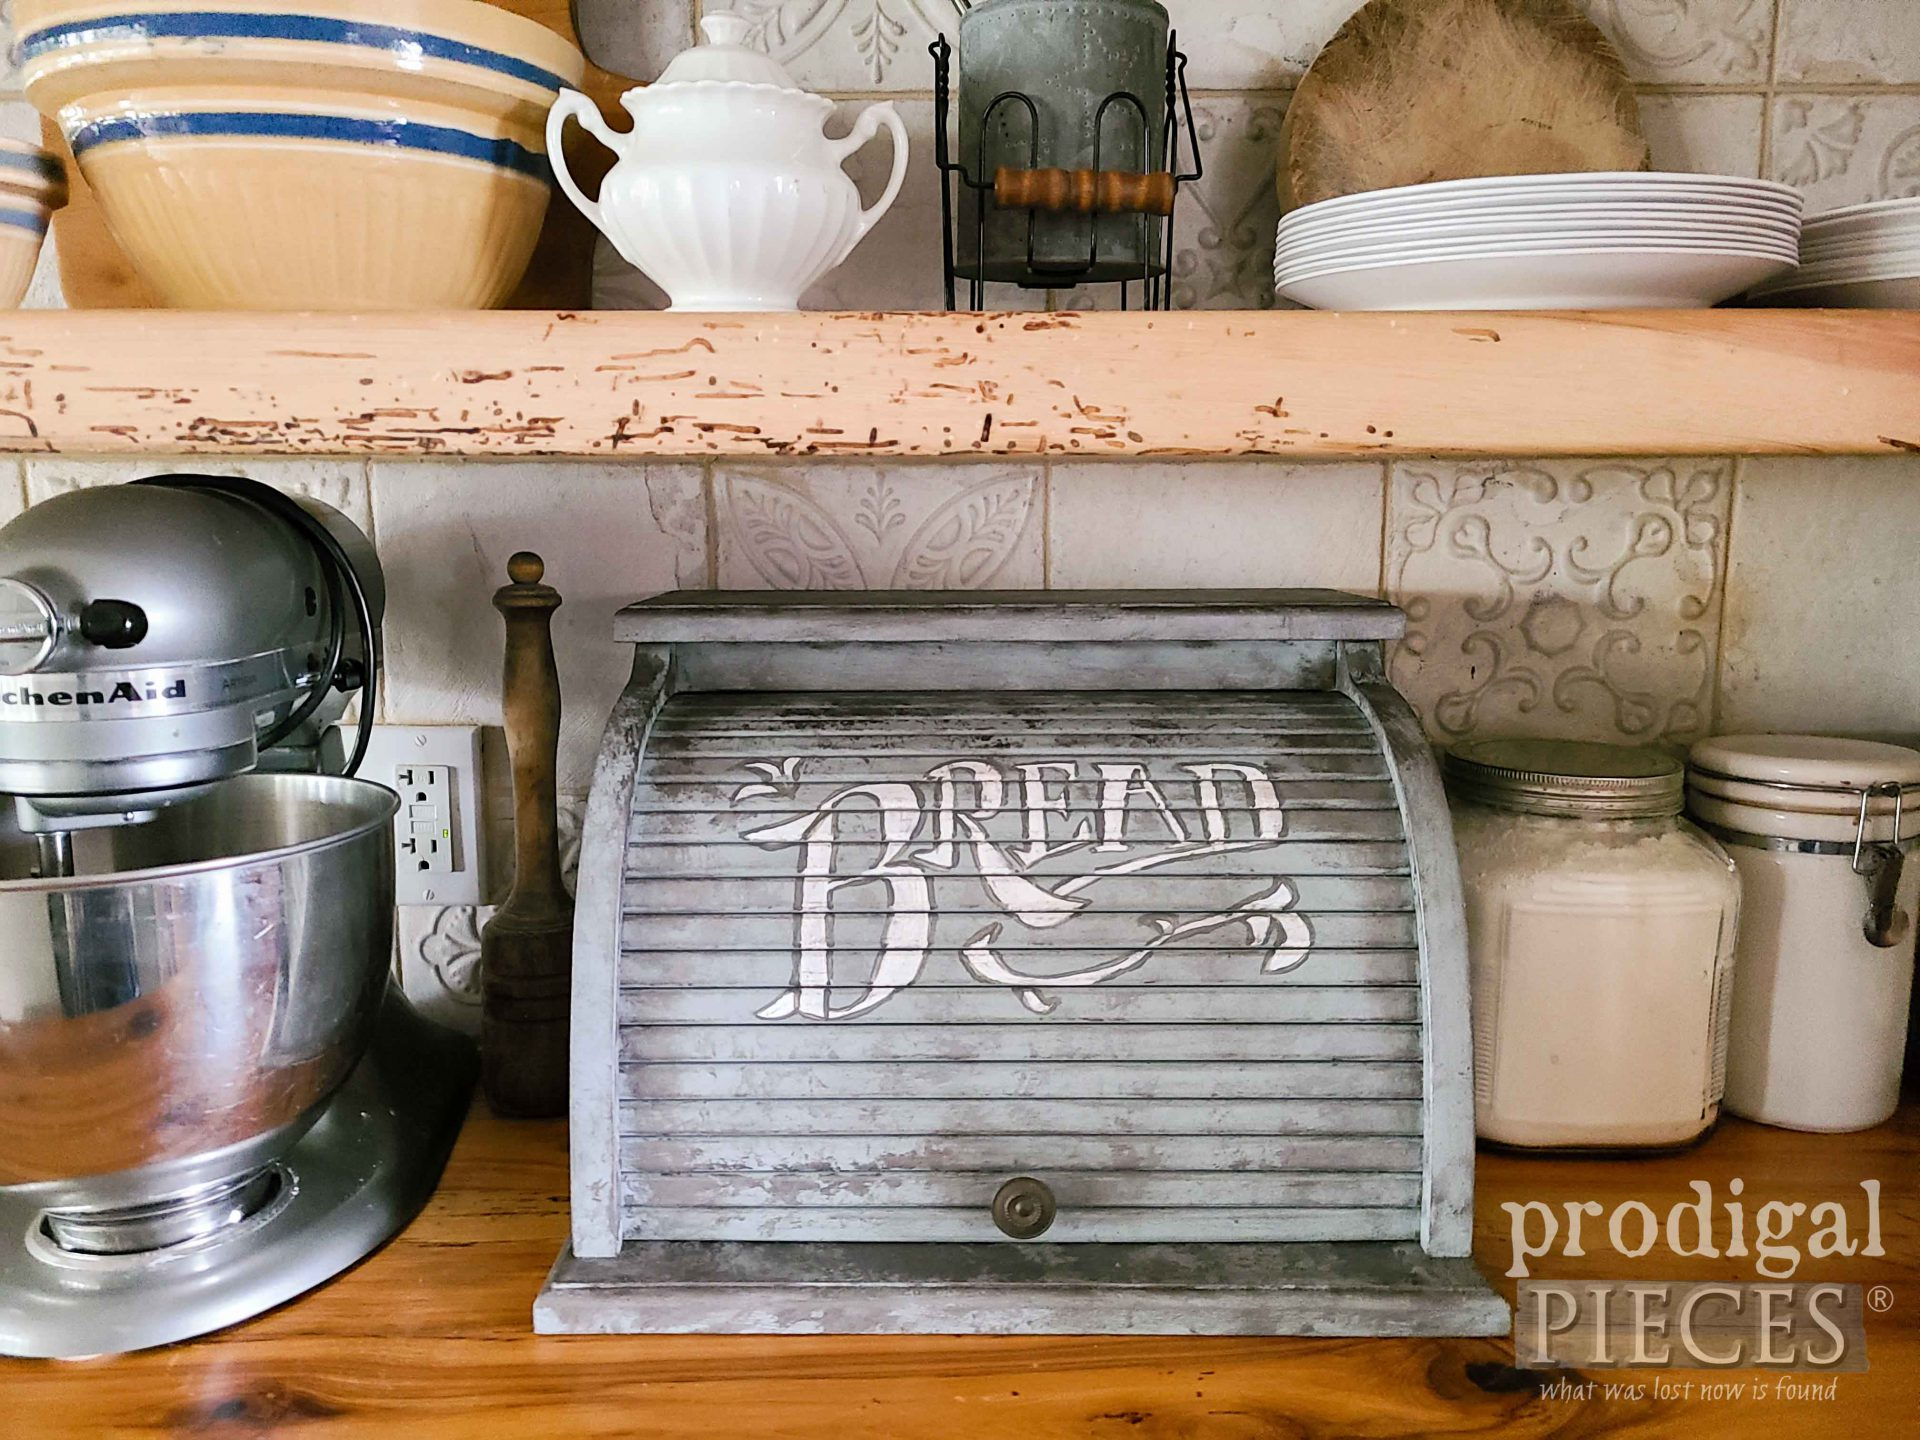 Faux Zinc Bread Box for Farmhouse Kitchen Decor by Larissa of Prodigal Pieces | prodigalpieces.com #prodigalpieces #diy #farmhouse #home #homedecor